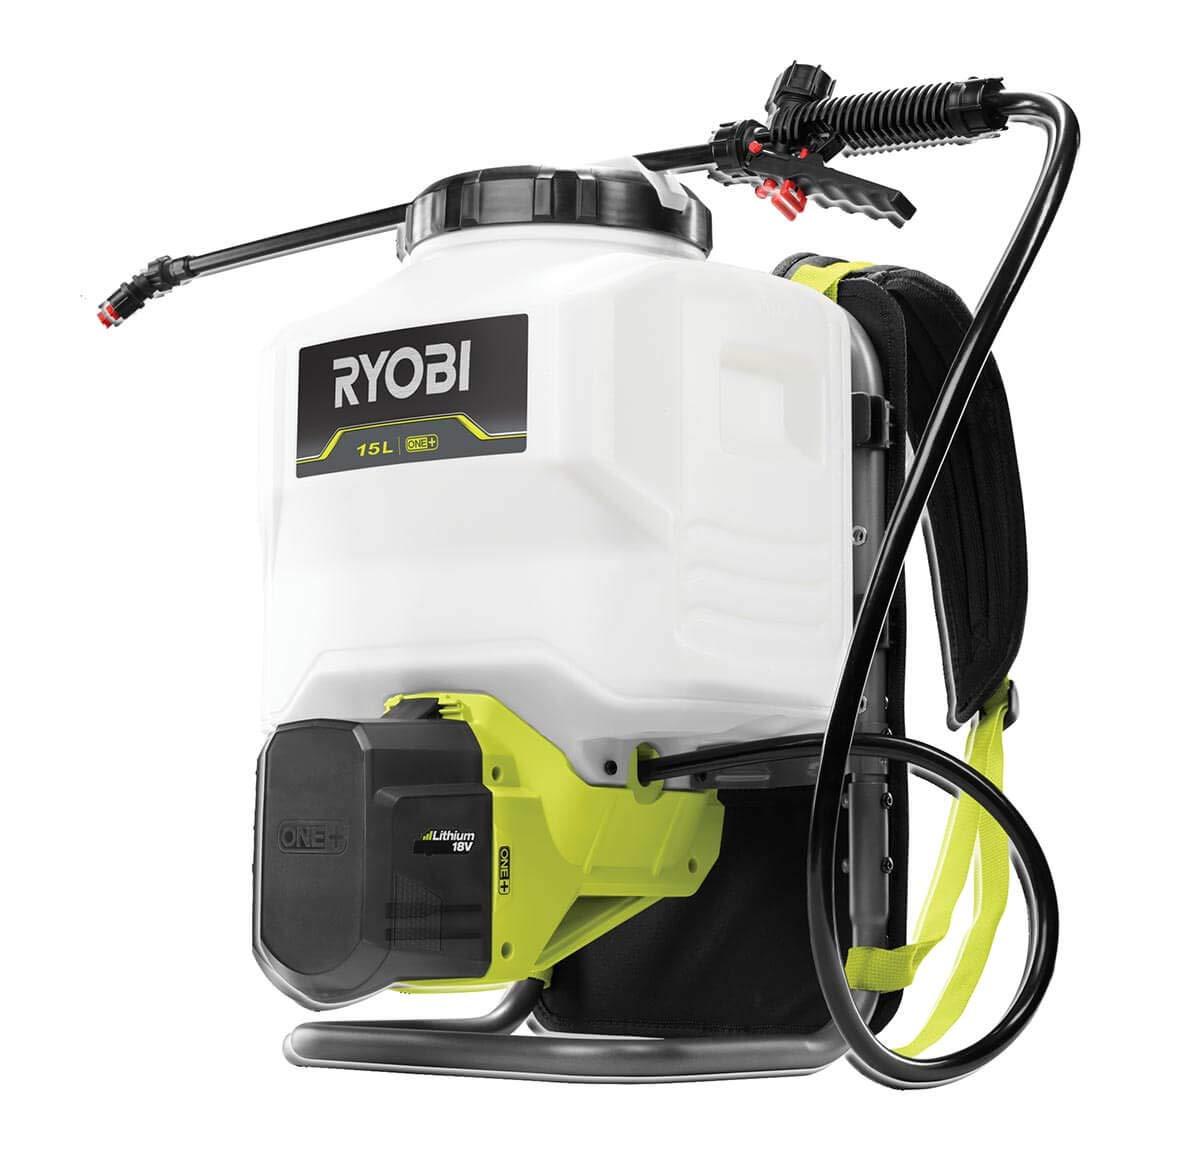 Ryobi ONE 18V Weed Sprayer OWS1880 Ryobi ONE